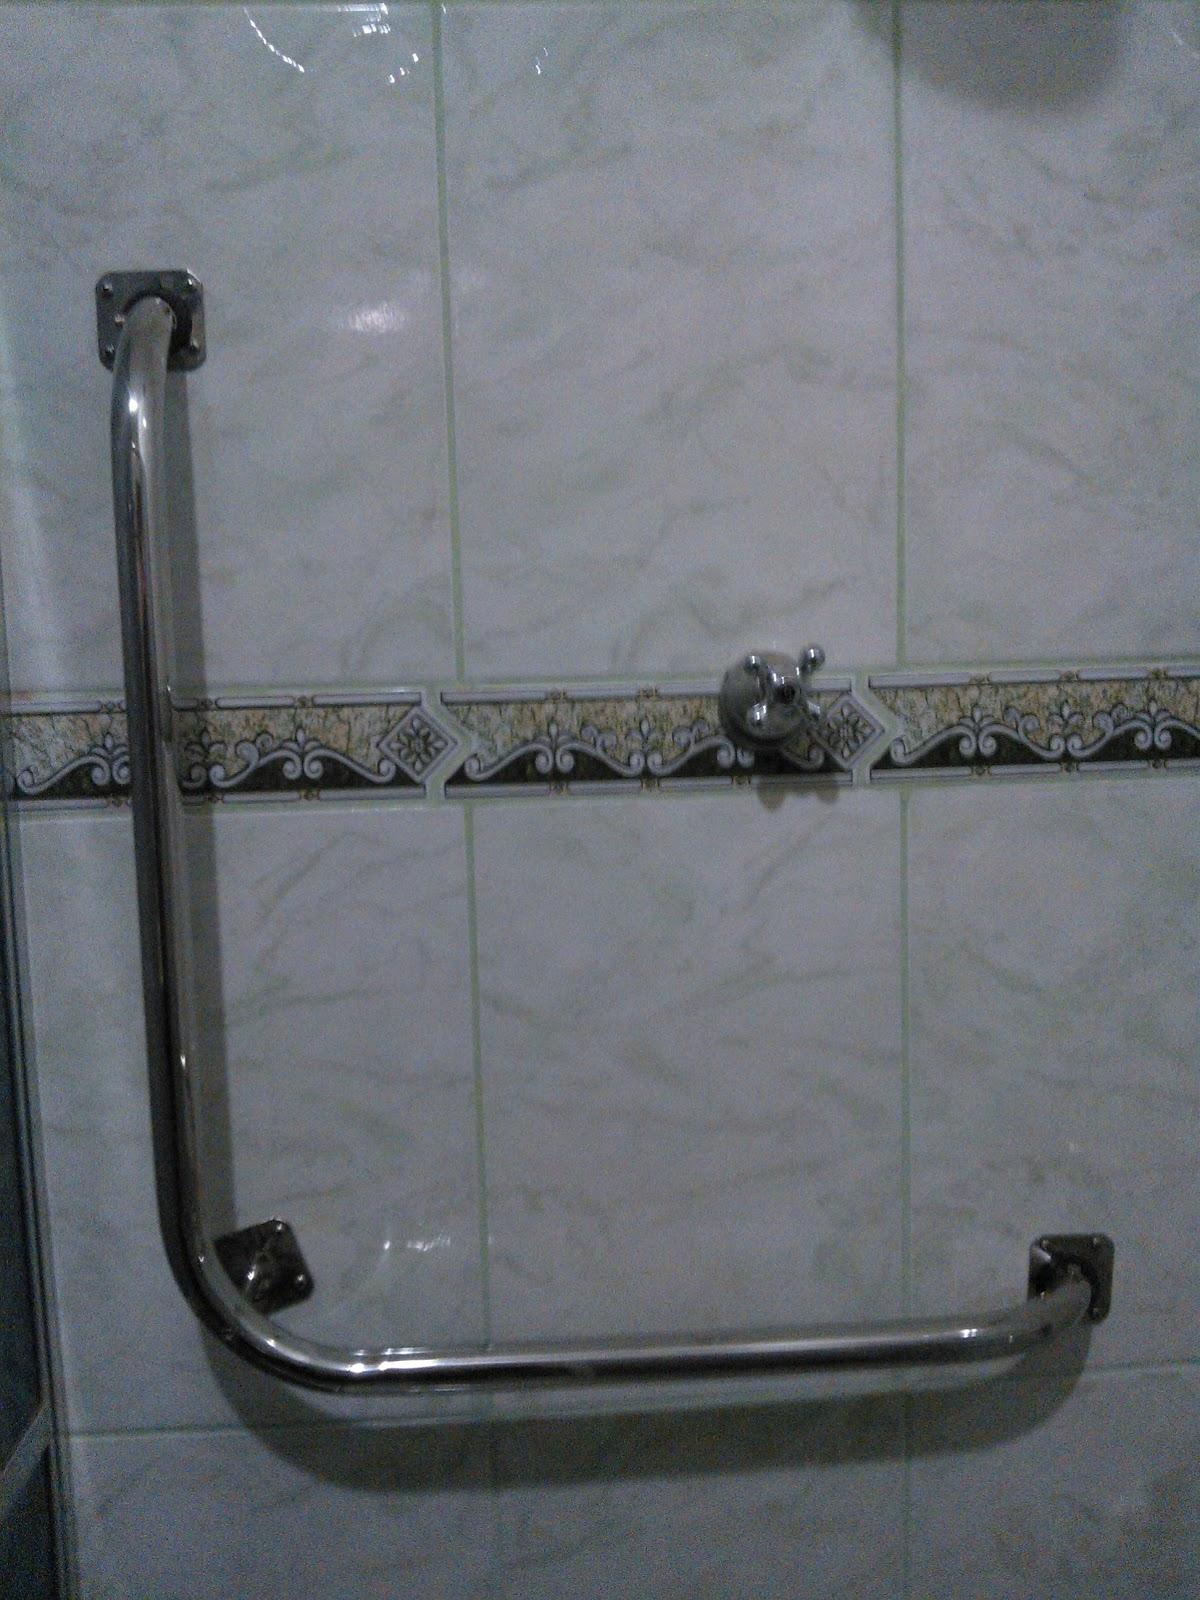 Imagens de #575D74 Adaptação de banheiro para idoso executado em Março 2013 barras  1200x1600 px 3574 Barras Banheiro Idosos